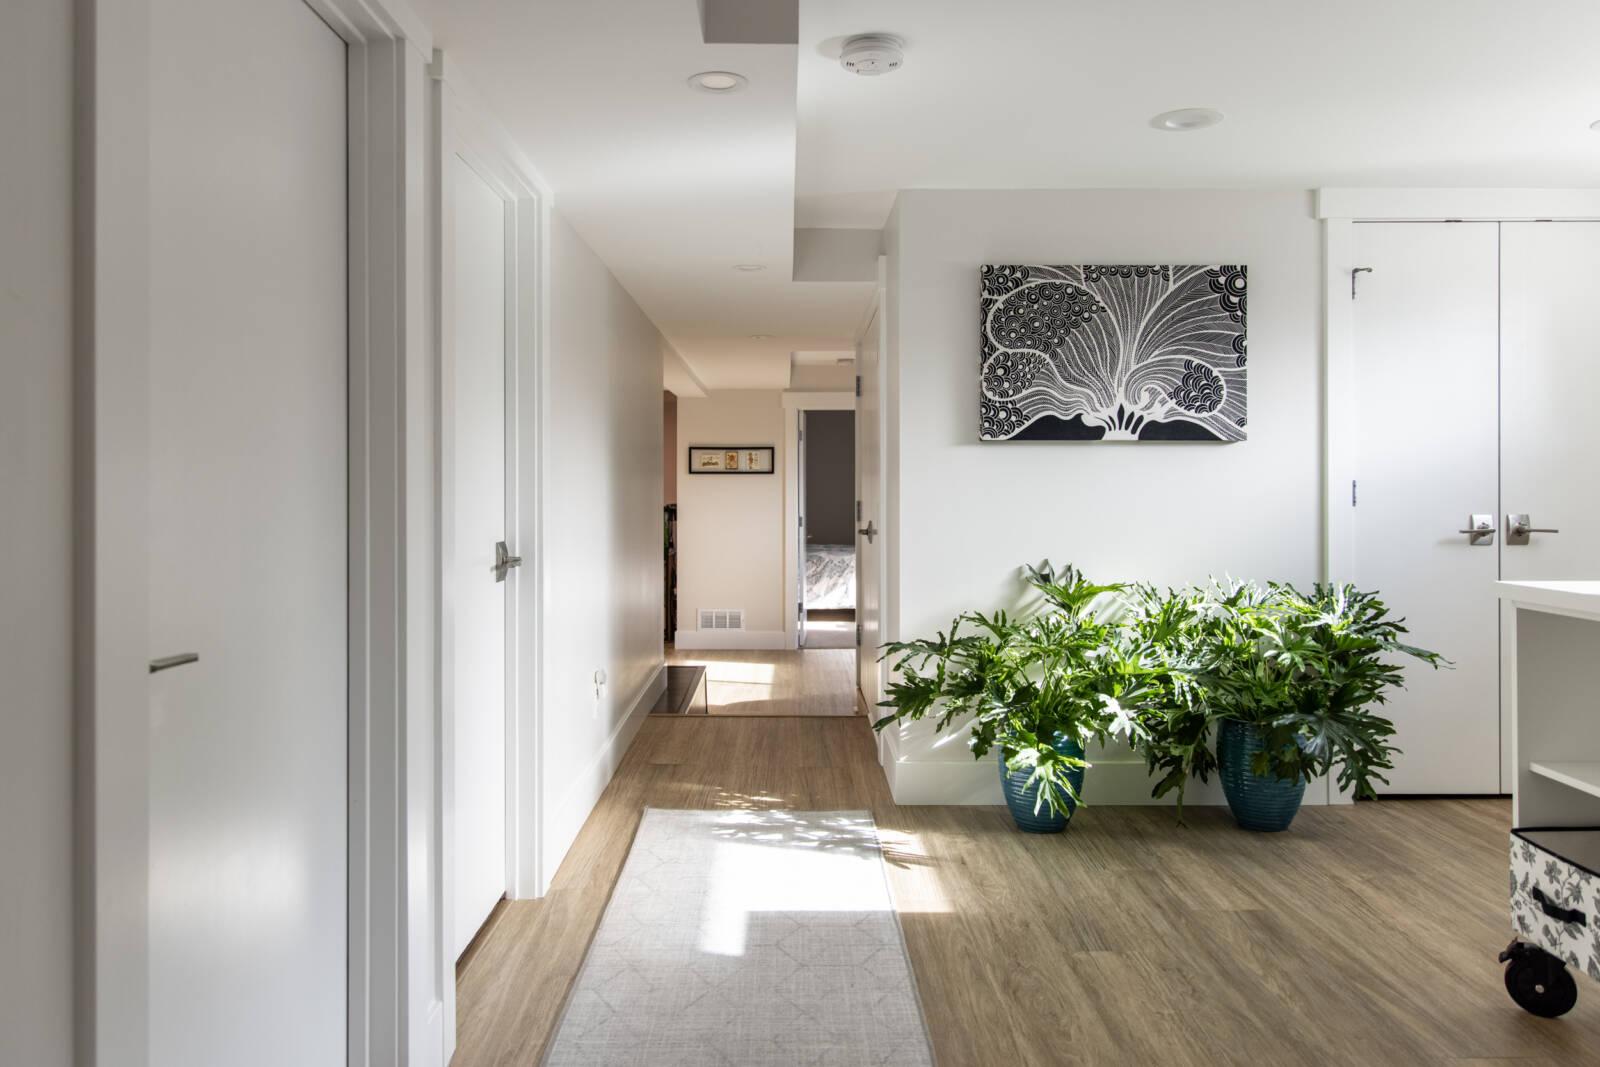 Natural light in Basement, Dark basement ideas, Entry way, modern traditional